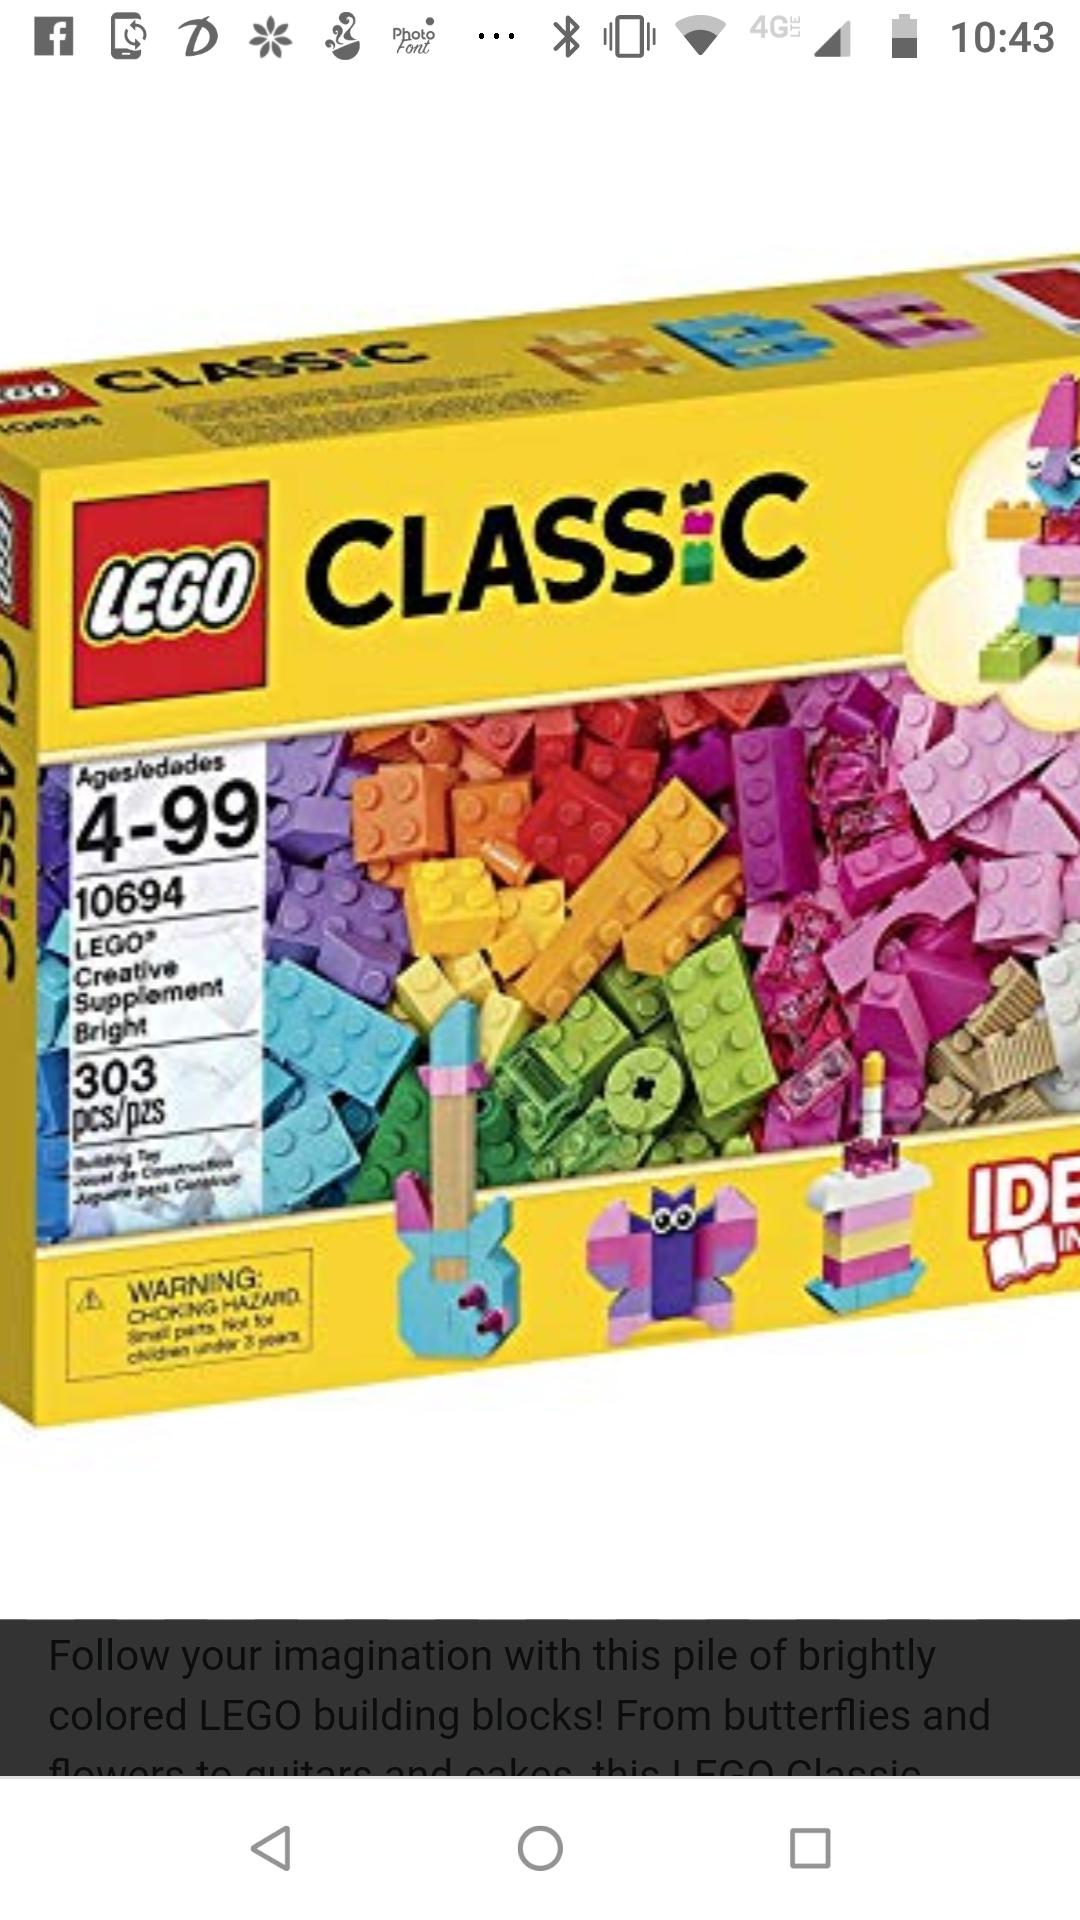 Walmart remate de juguetes LEGO 303pcs